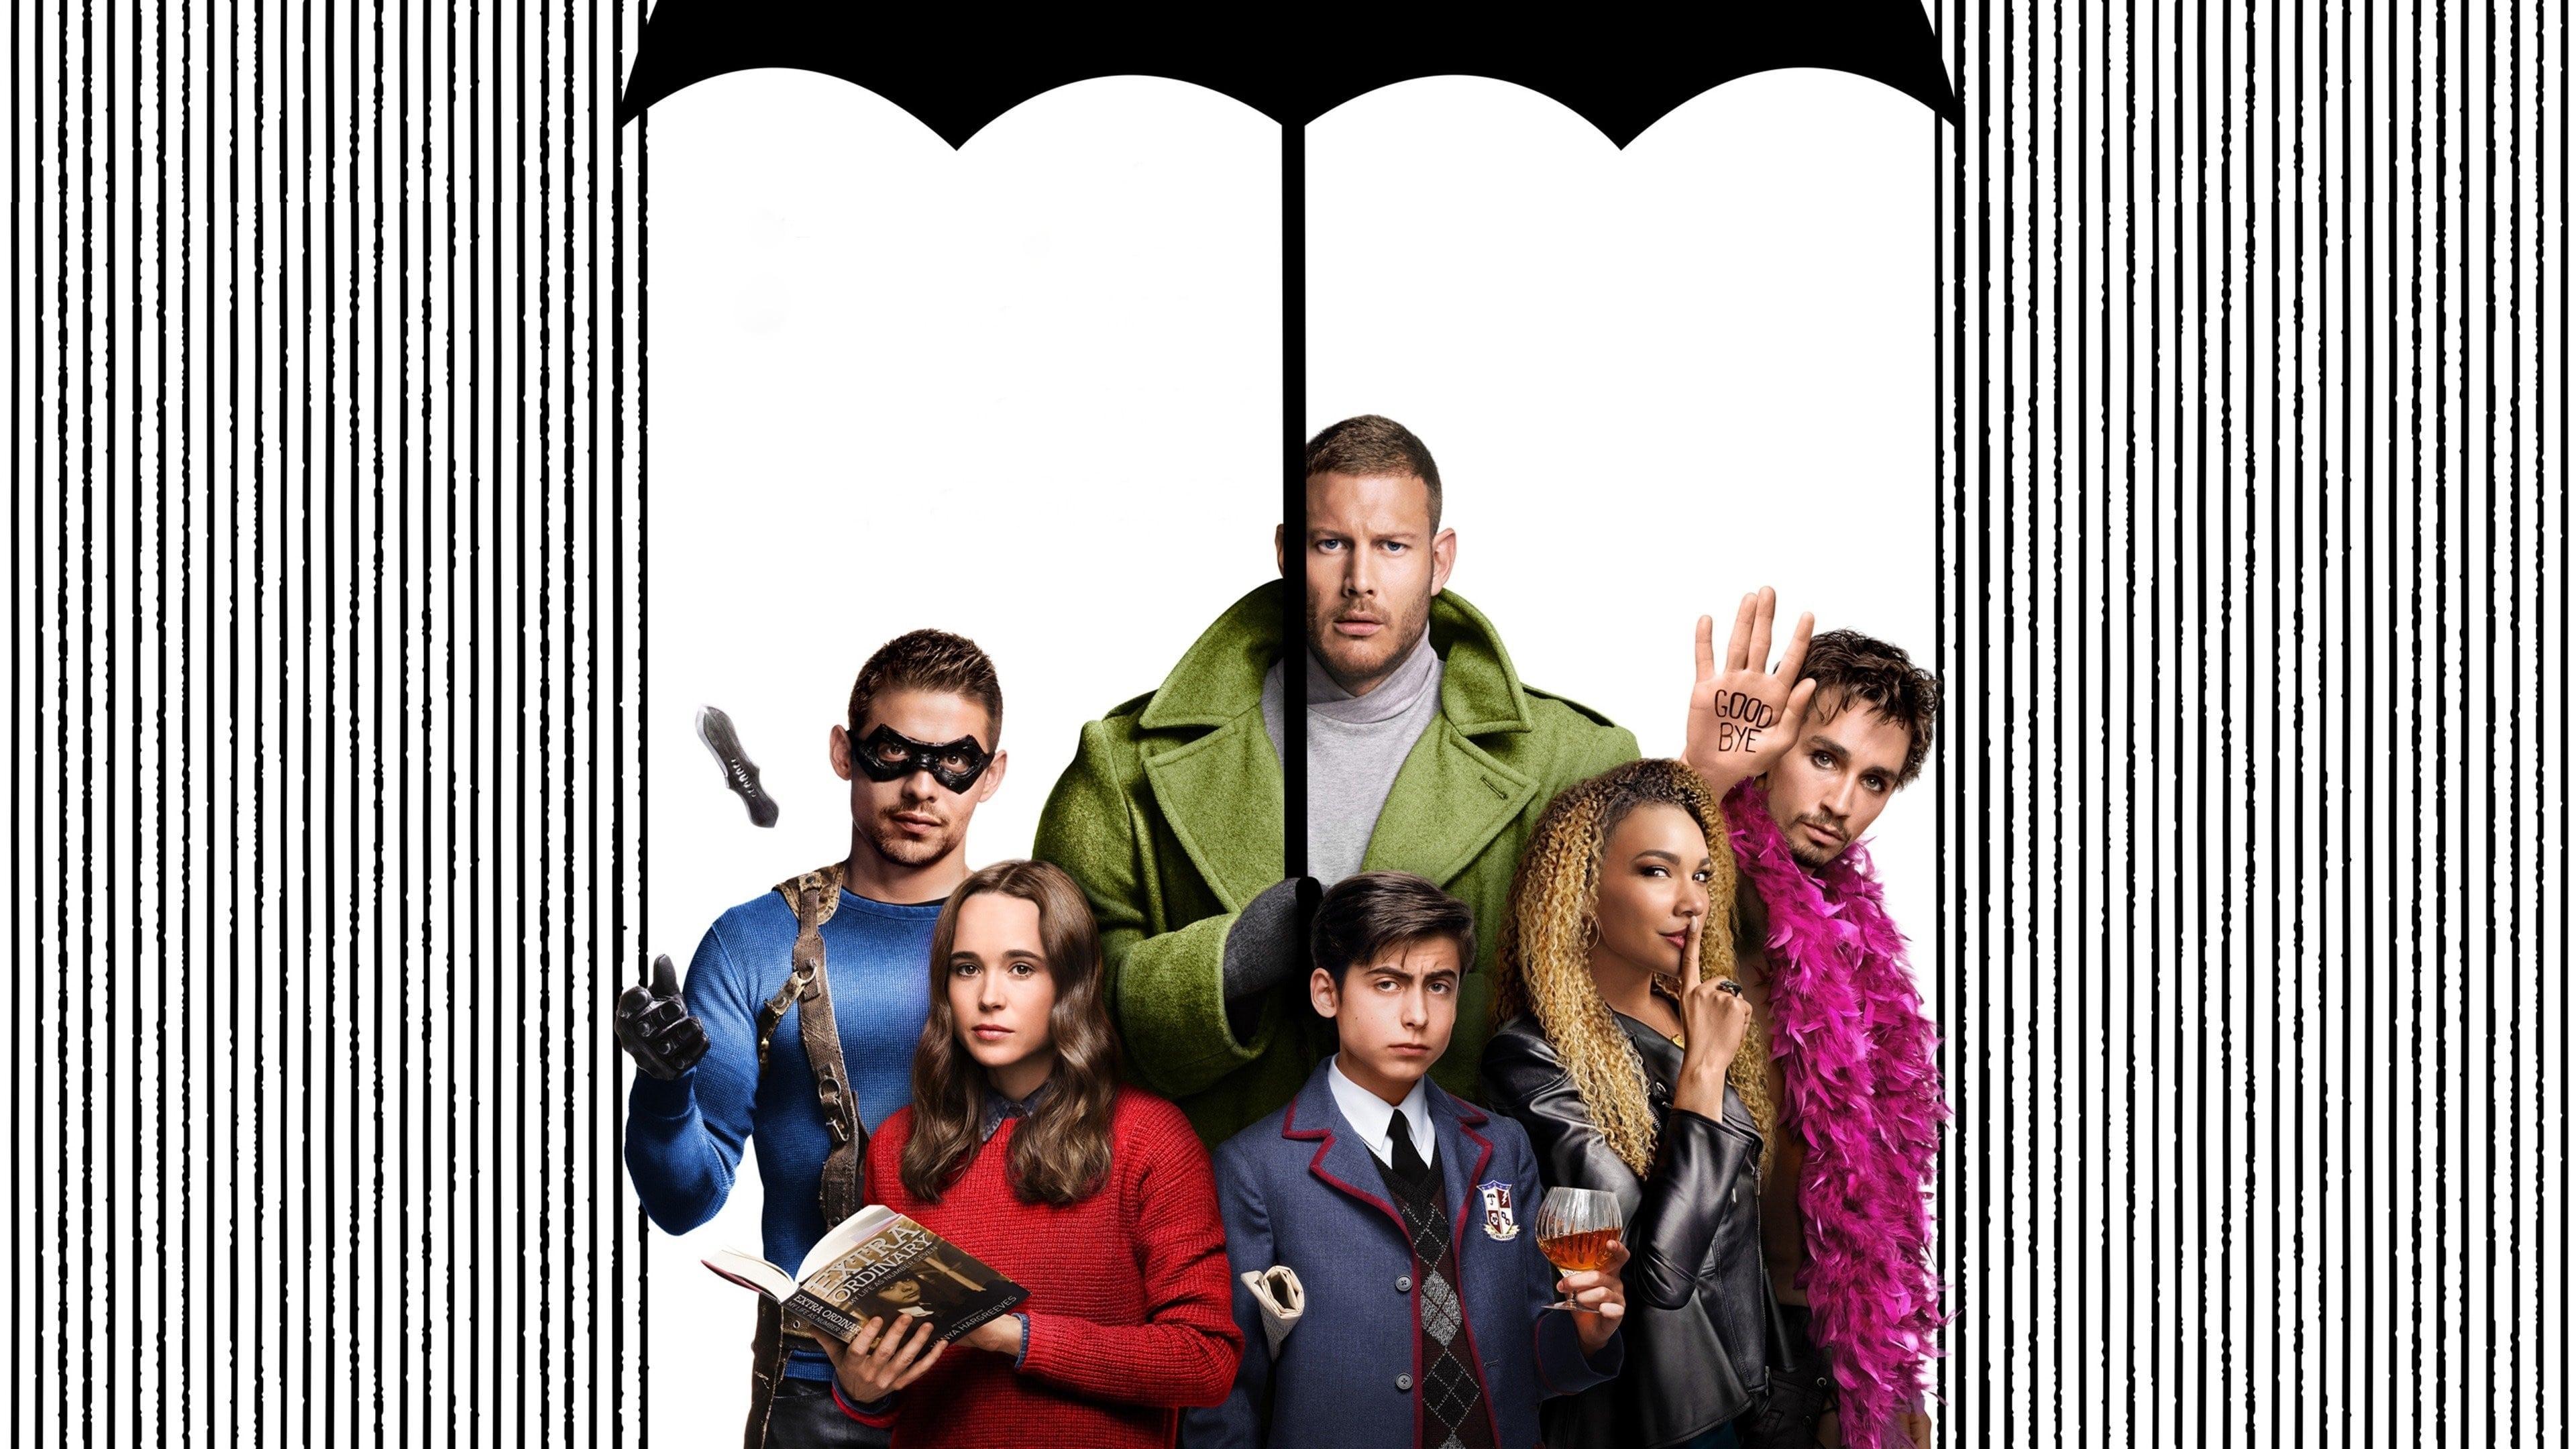 The Umbrella Academy - Season 2